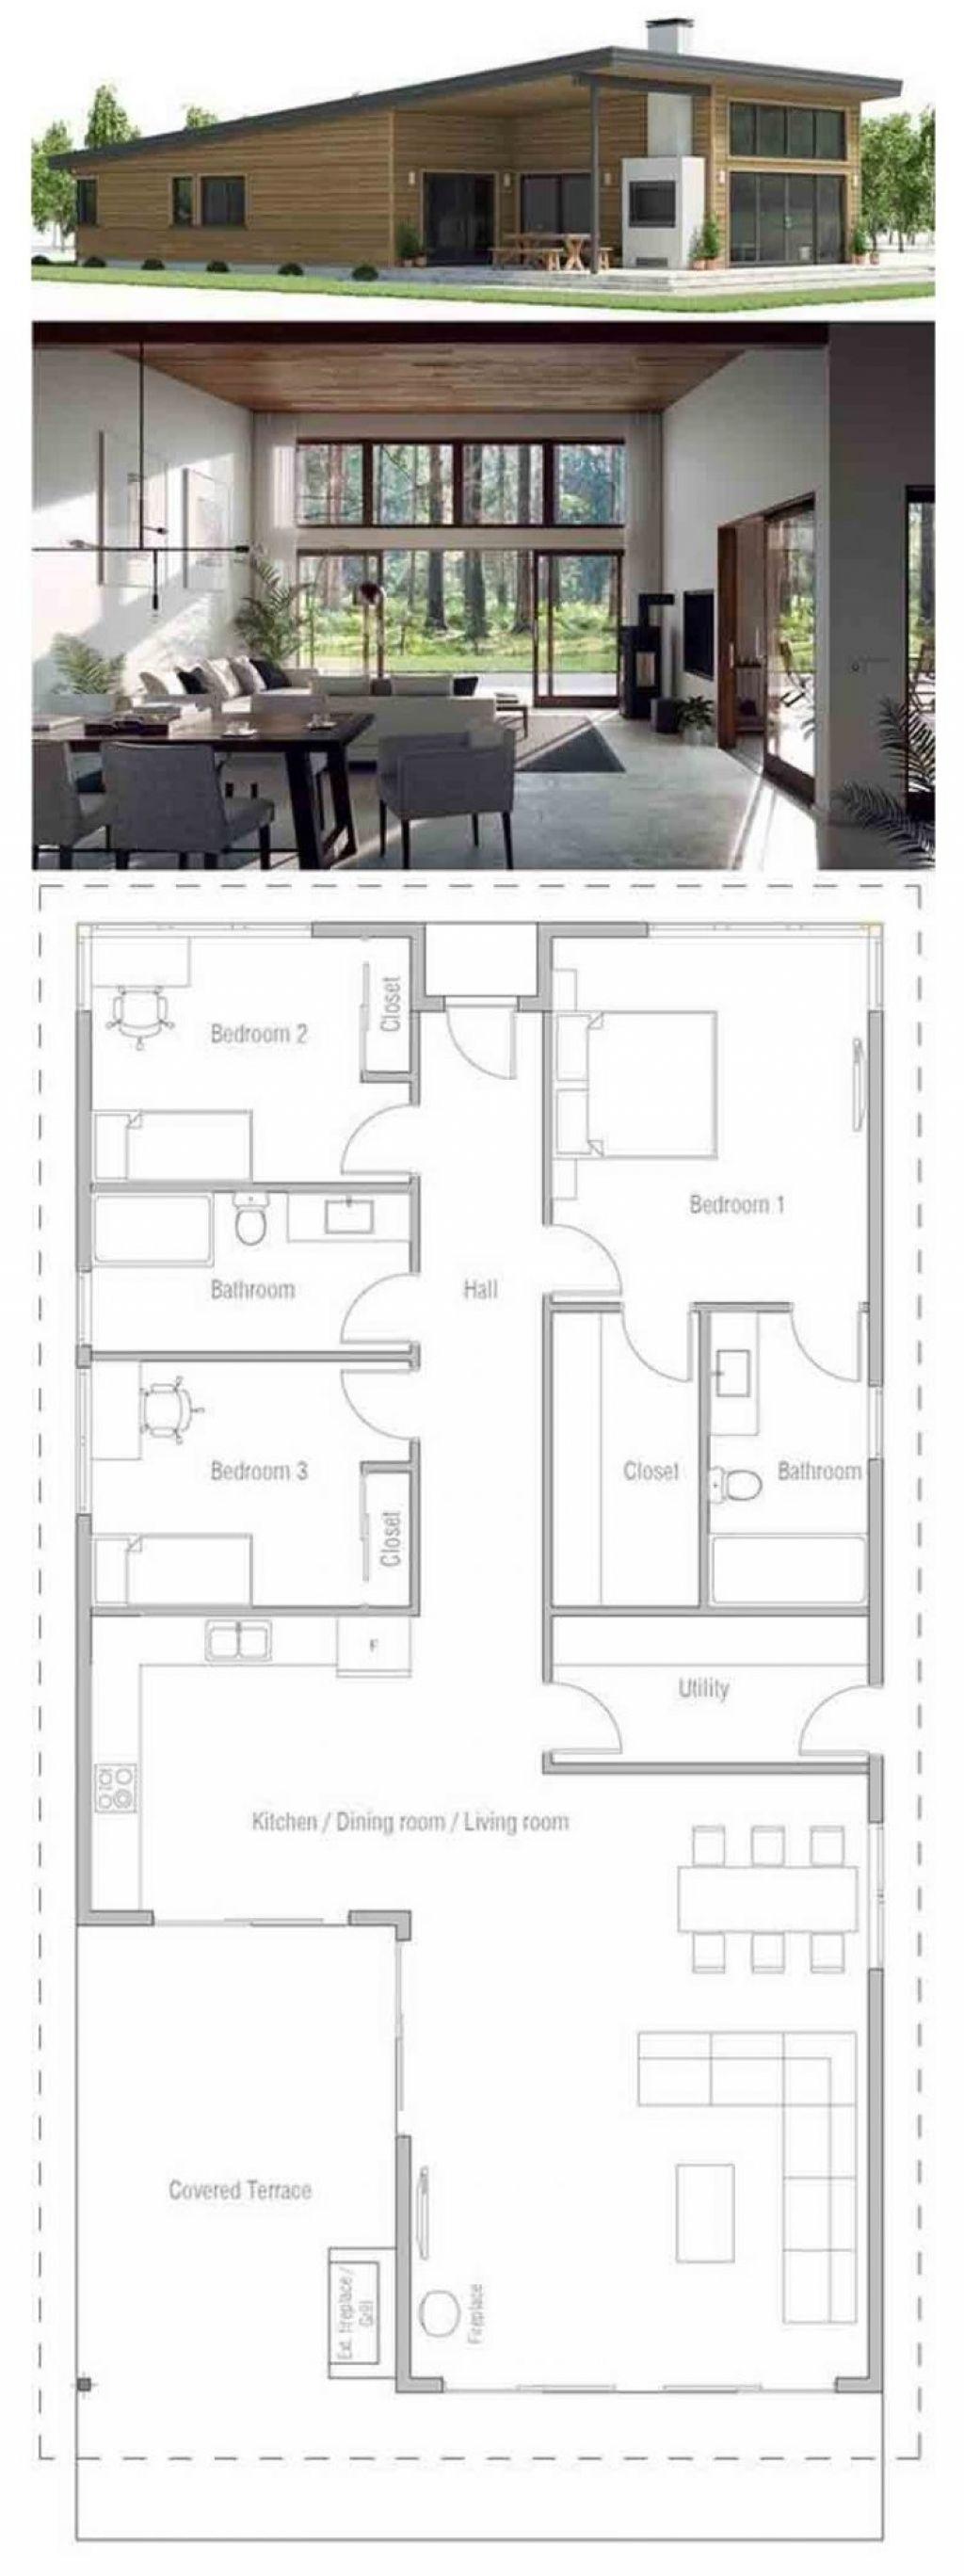 √ 60+ Desain Dan Denah Rumah Minimalis Sederhana & Modern within Gambar Desain Rumah